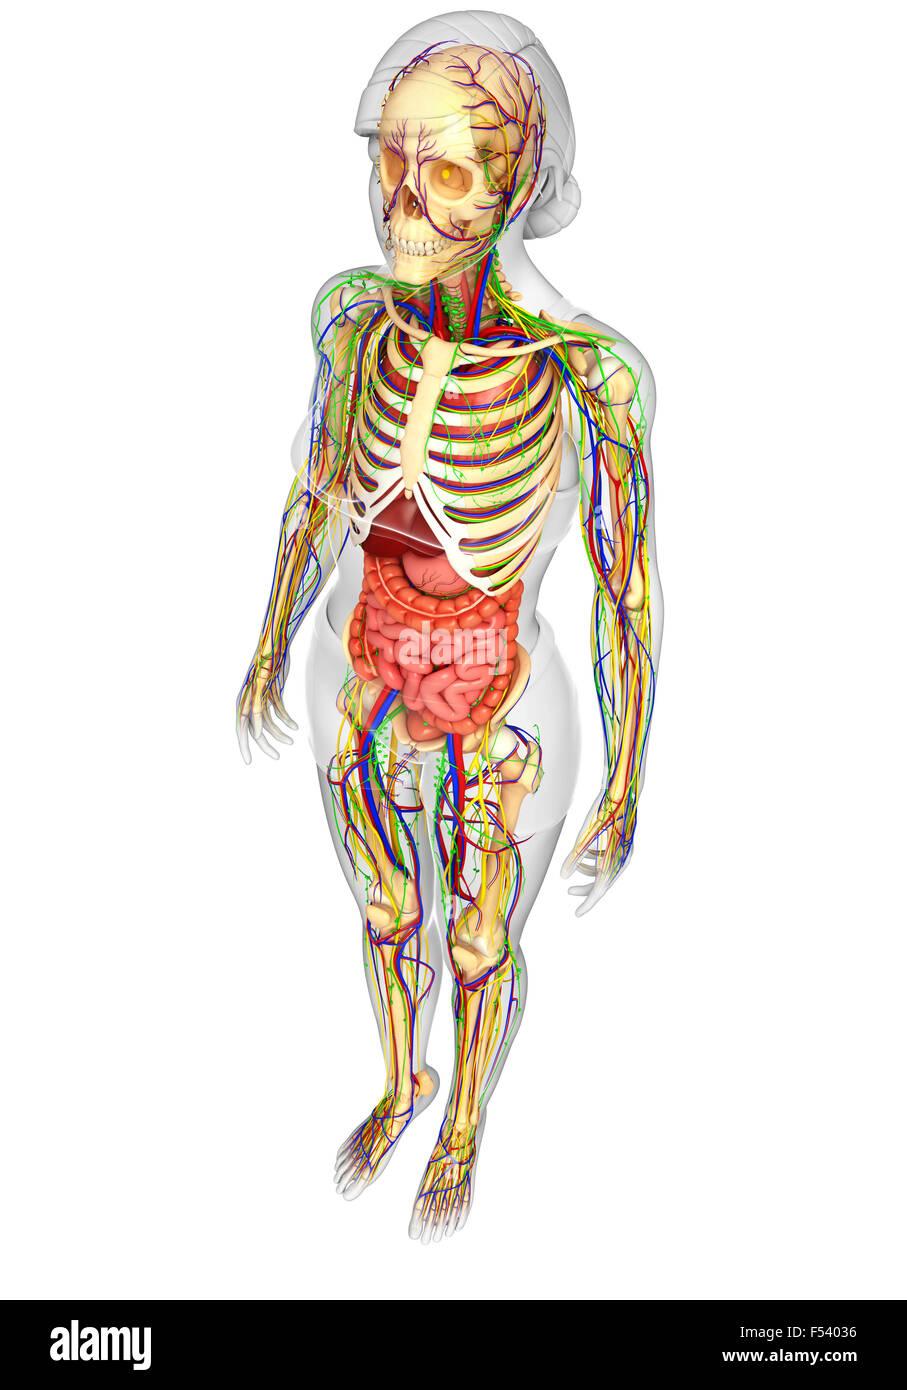 Niedlich Skelett Nervensystem Galerie - Menschliche Anatomie Bilder ...